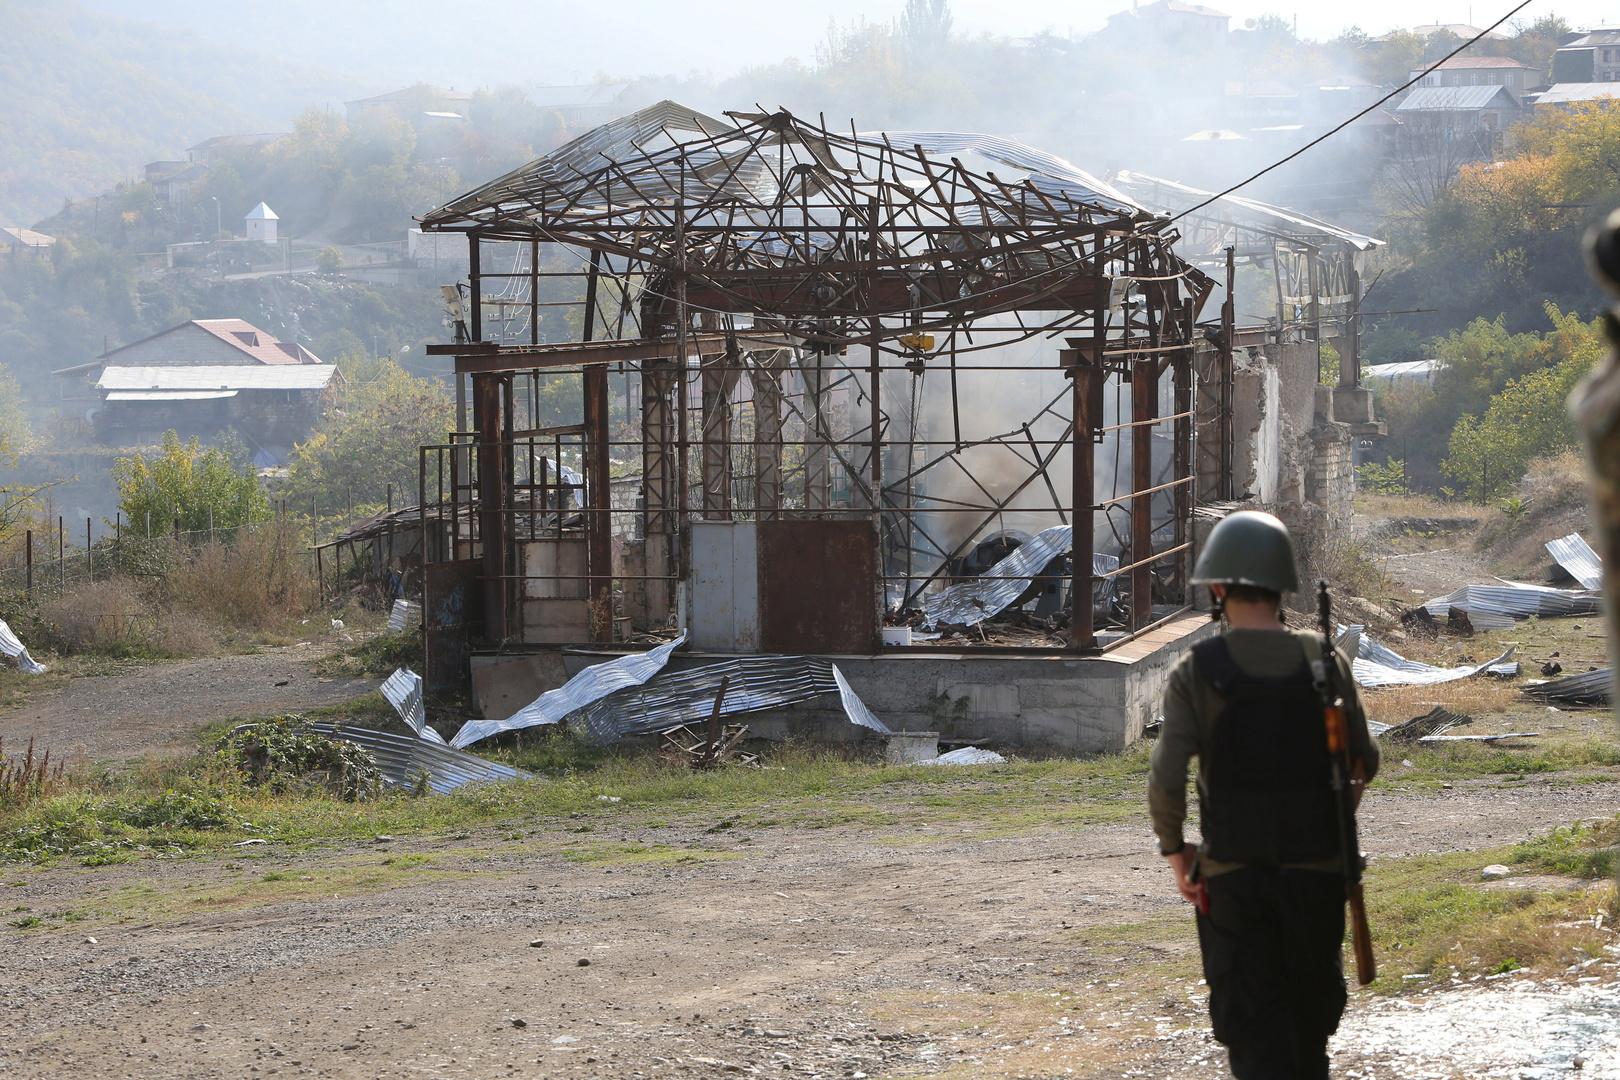 باكو تسلم عشرات الجثث لعسكريين أرمن إلى يريفان بوساطة روسية